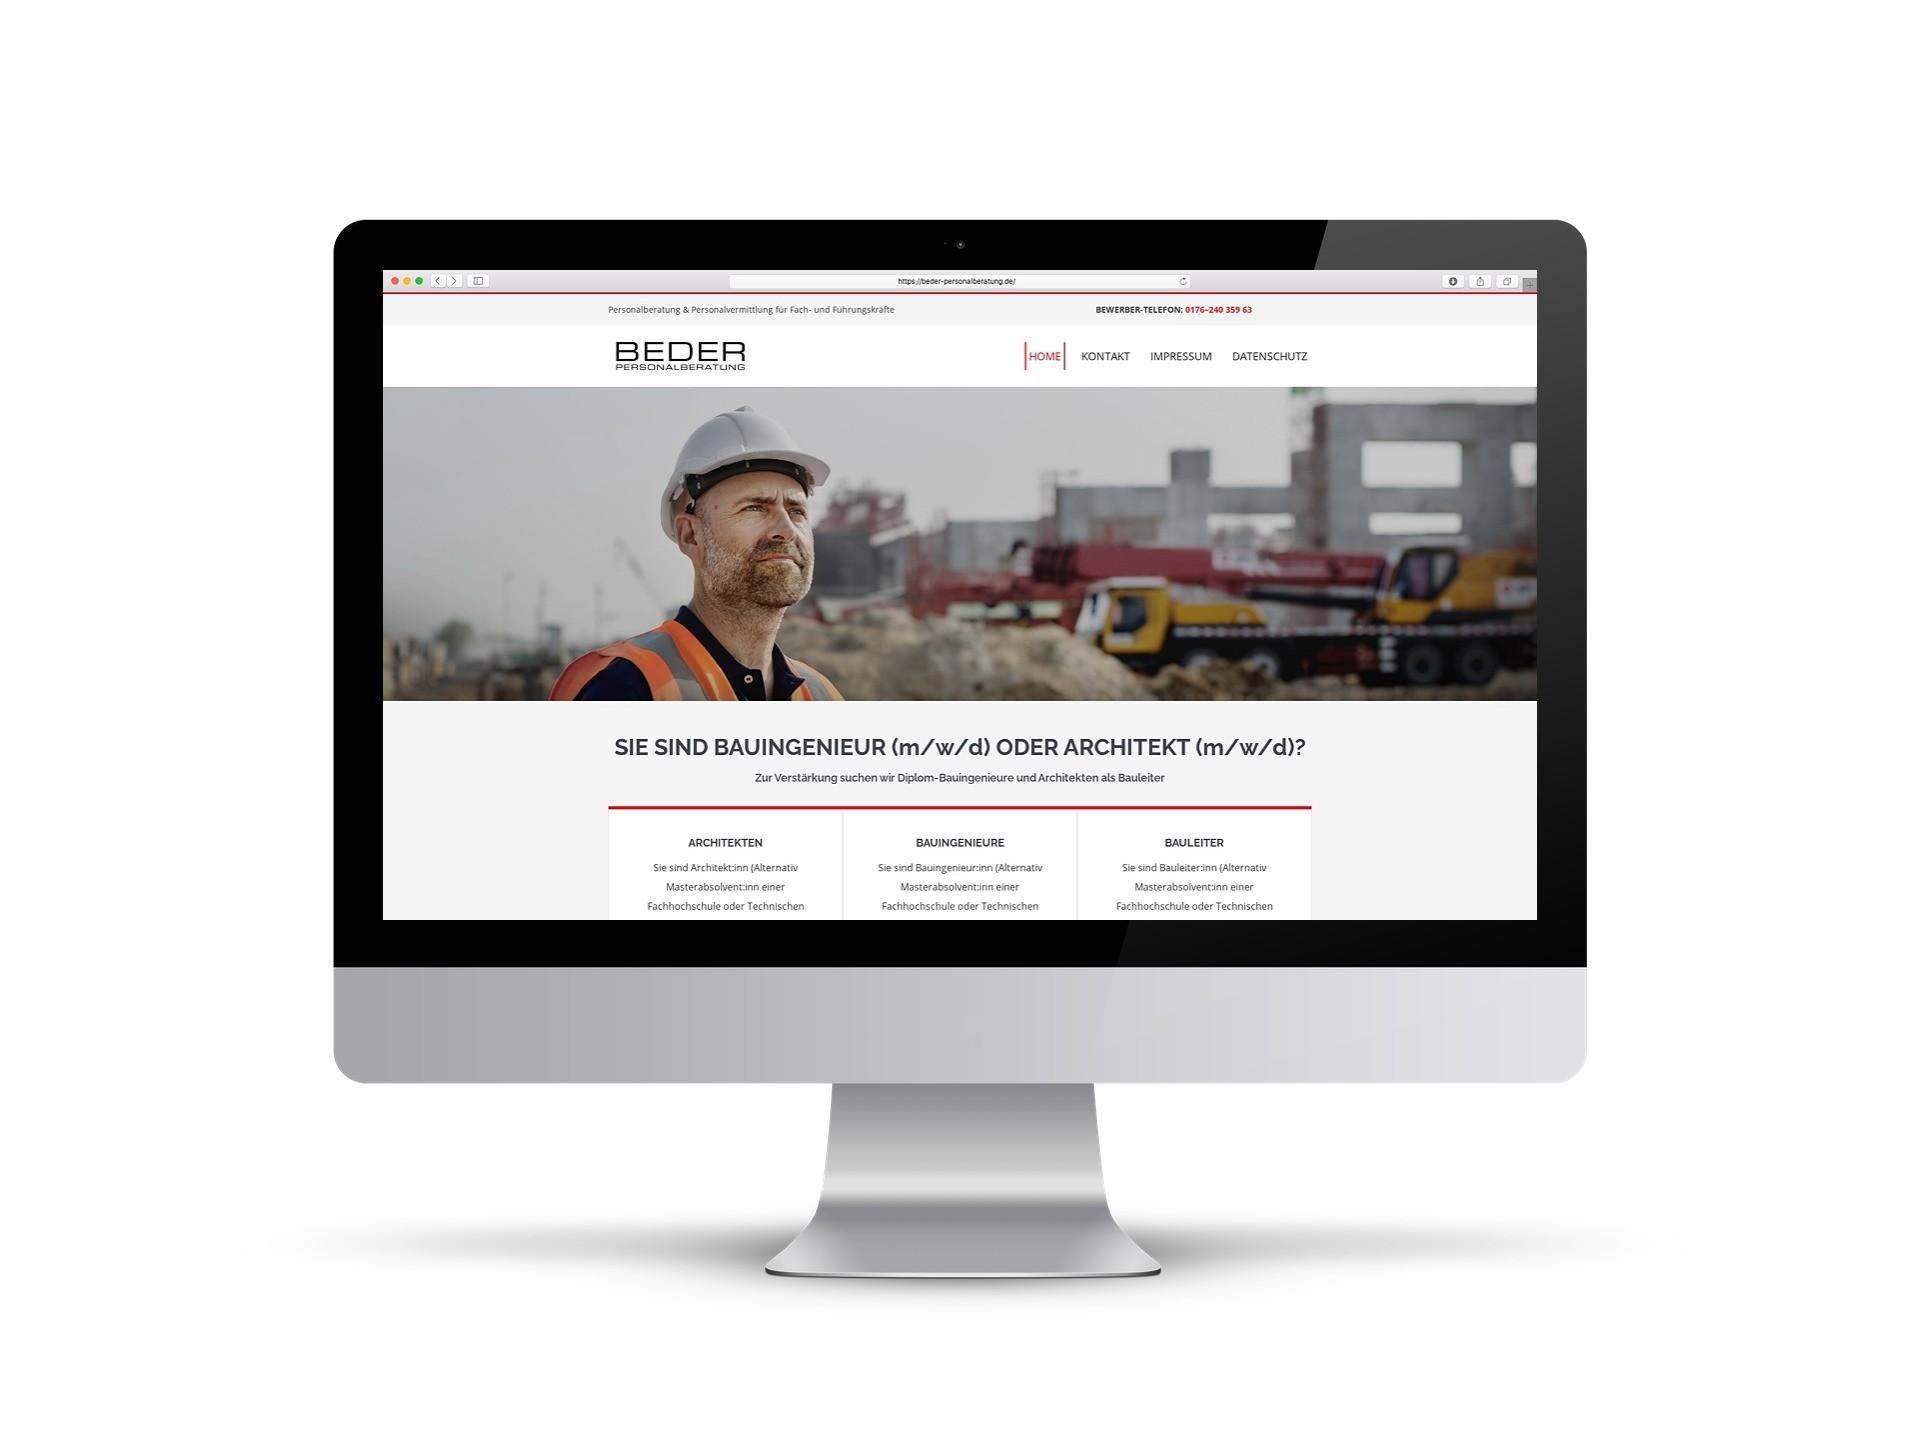 referenz-webdesign-personalberatung-personalvermittlung